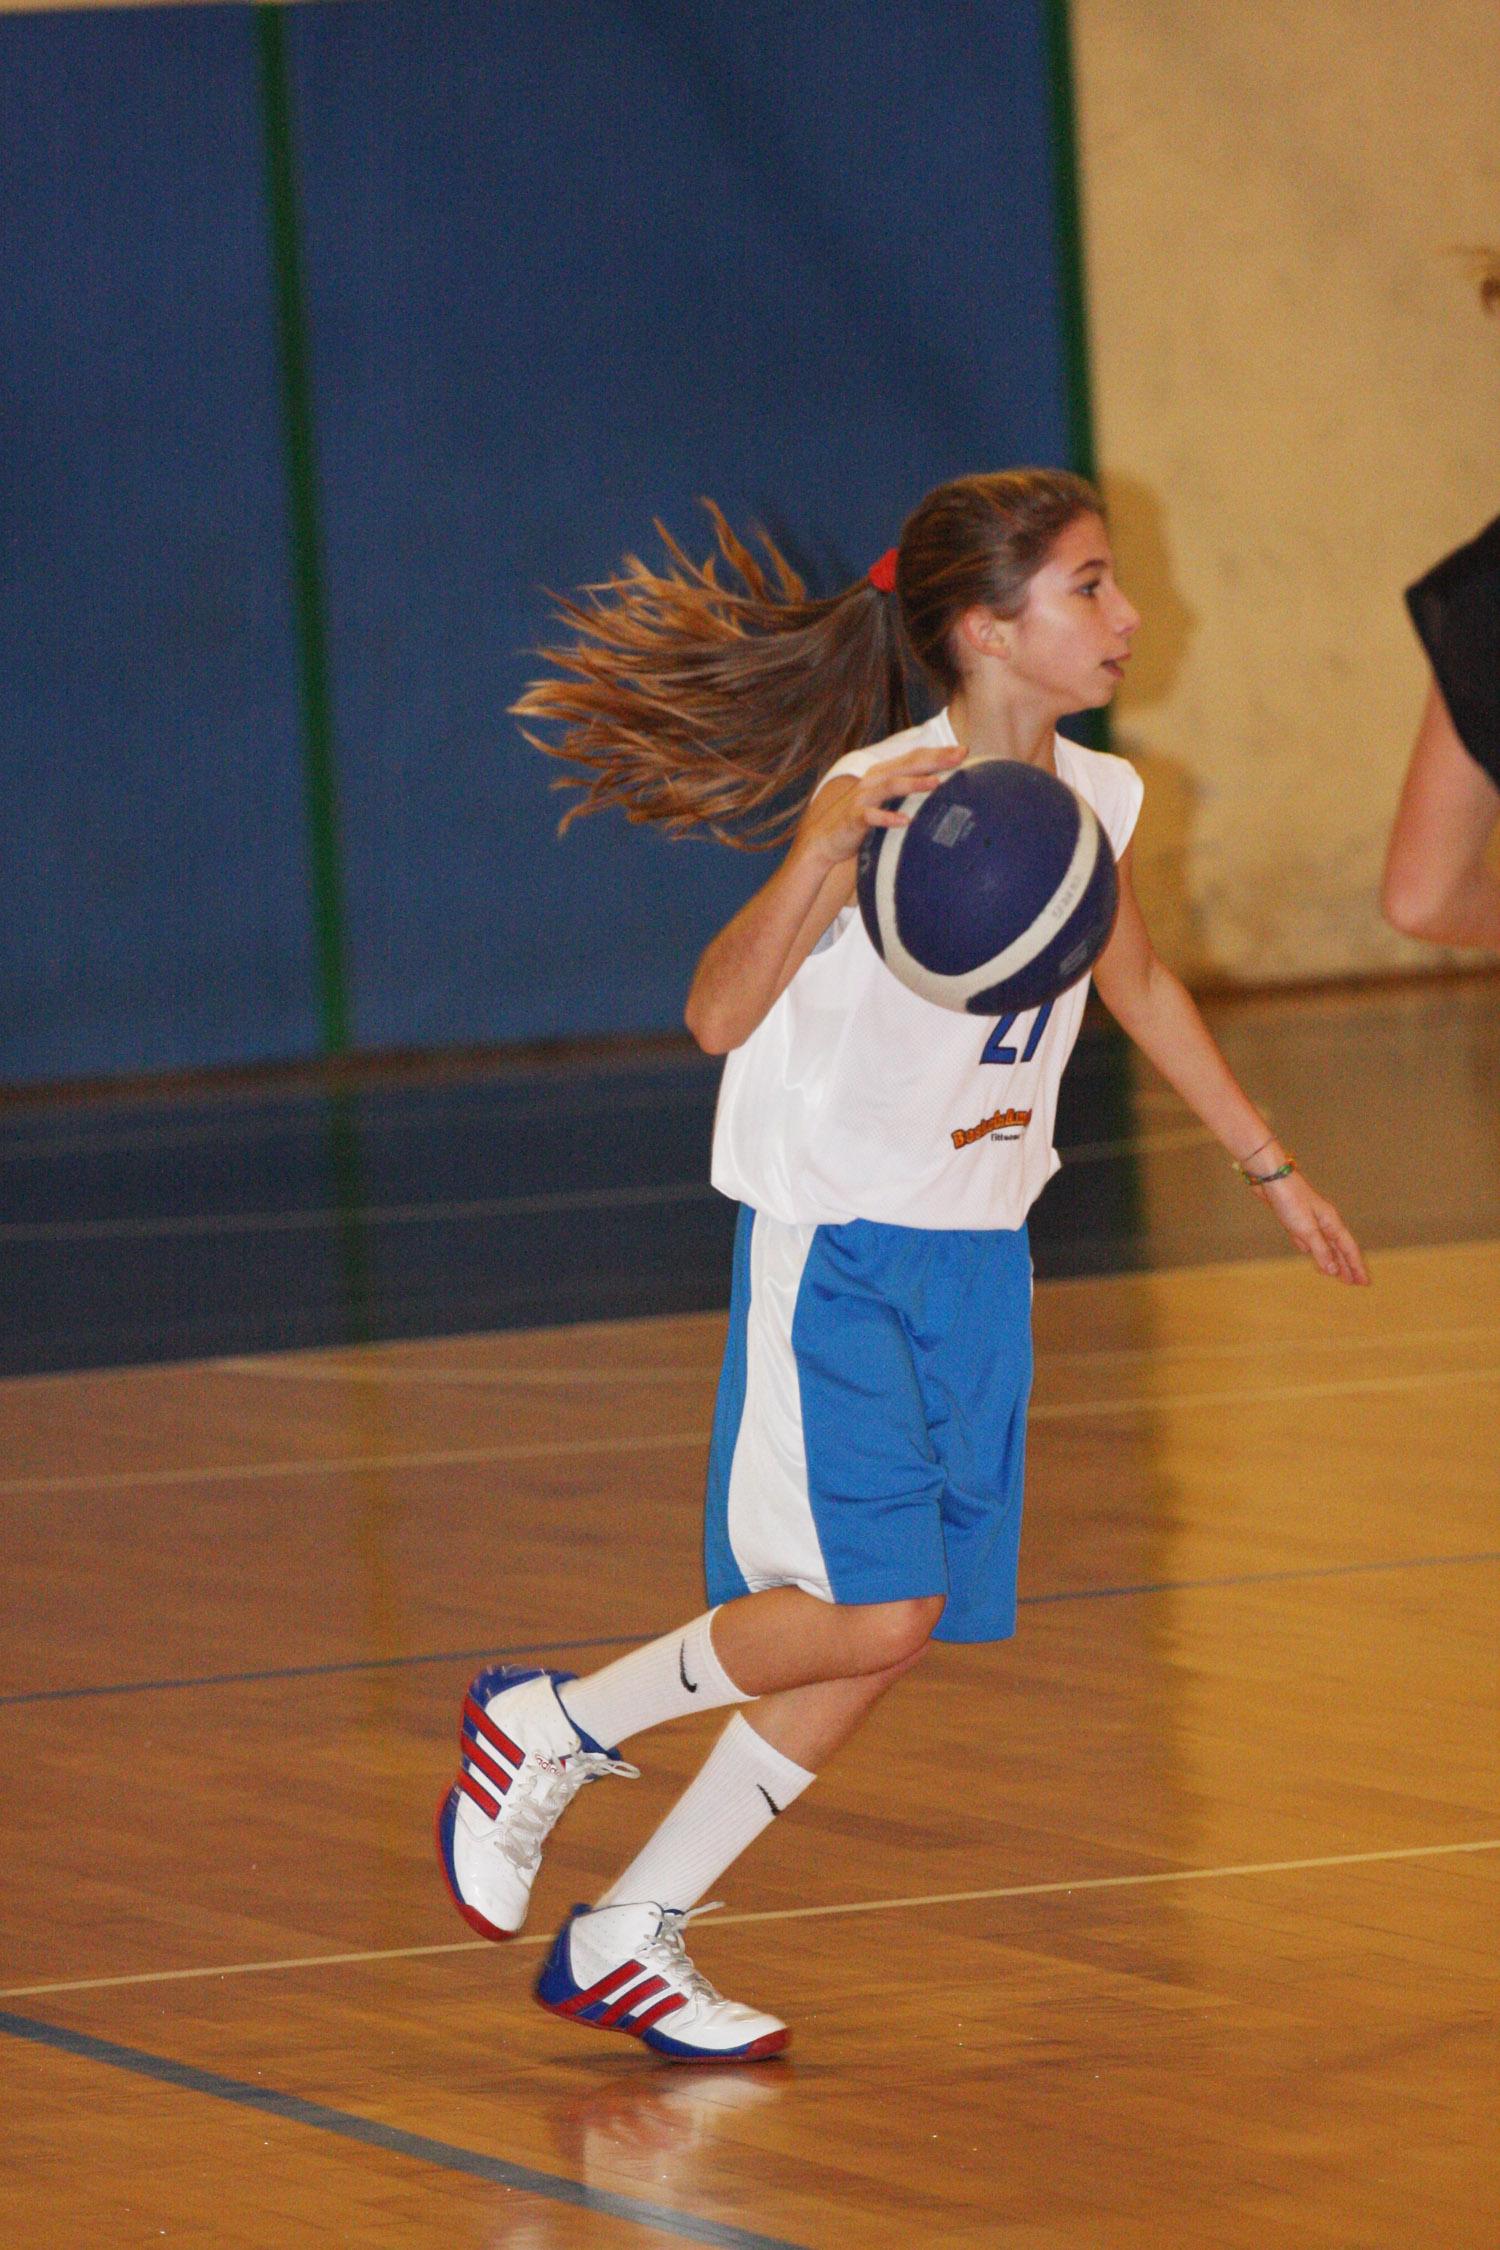 U13 - Baskettiamo Vittuone vs Carroccio Legnano 00013.jpg